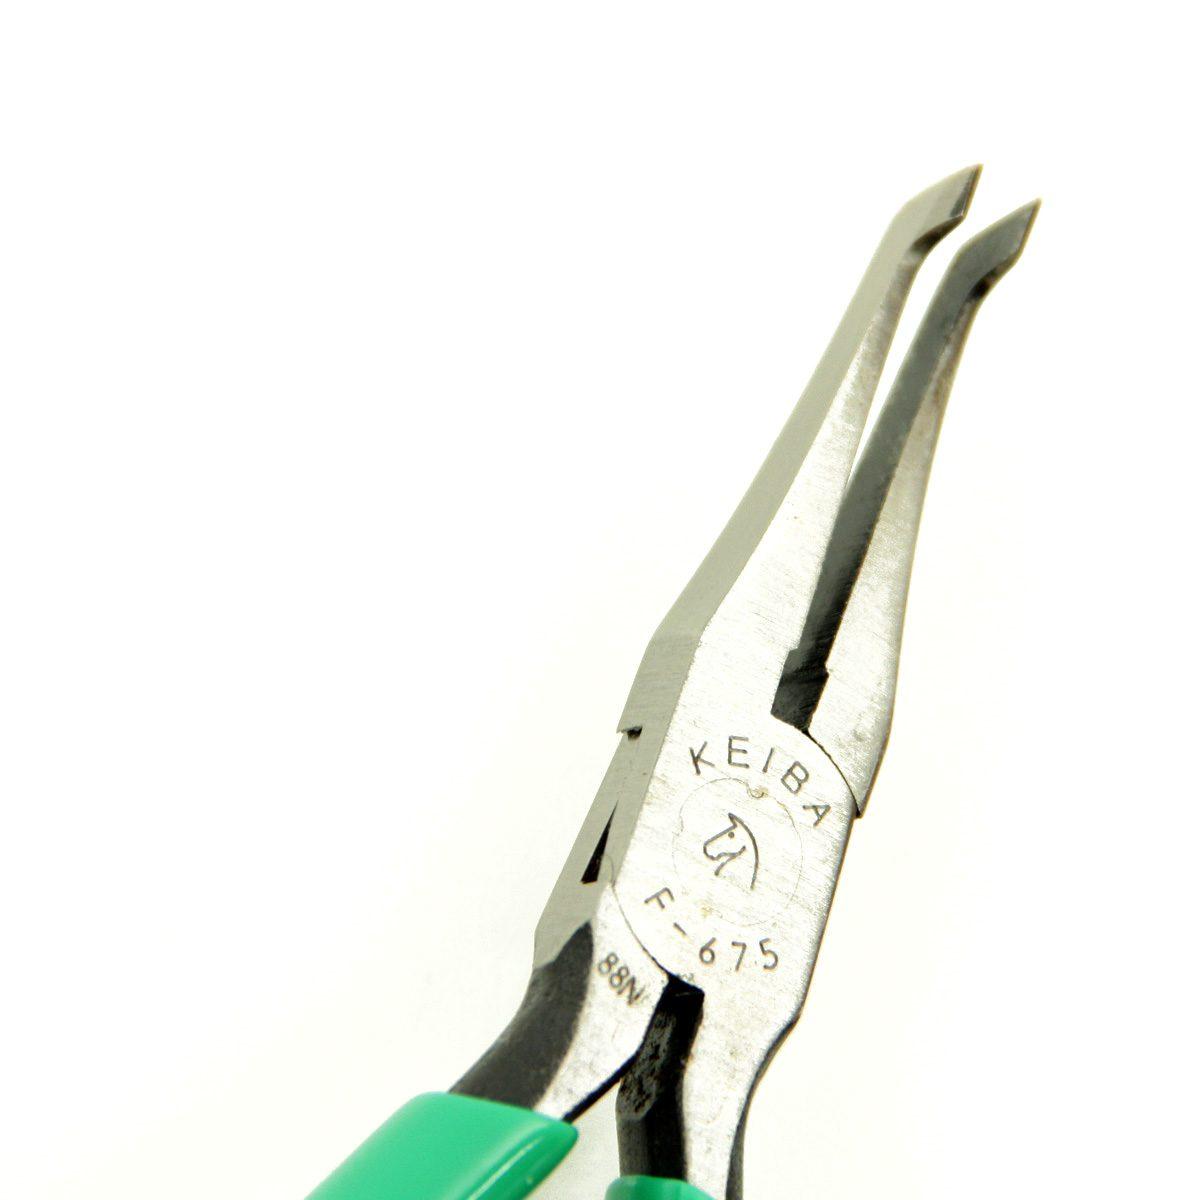 keiba flat bent nose pliers 1